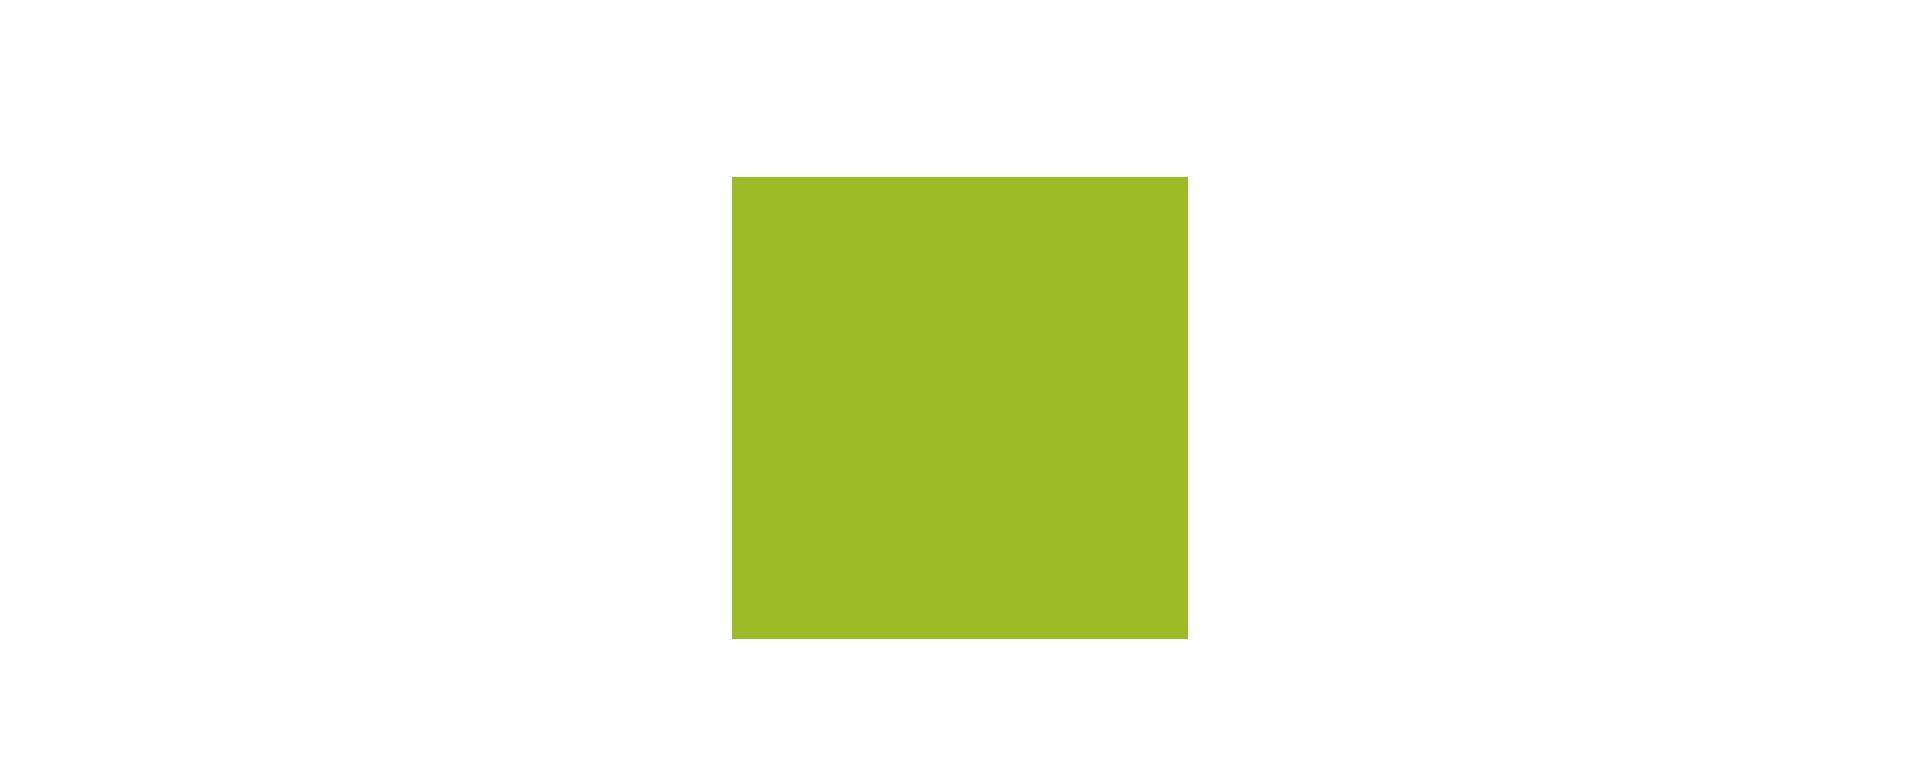 rzr 01